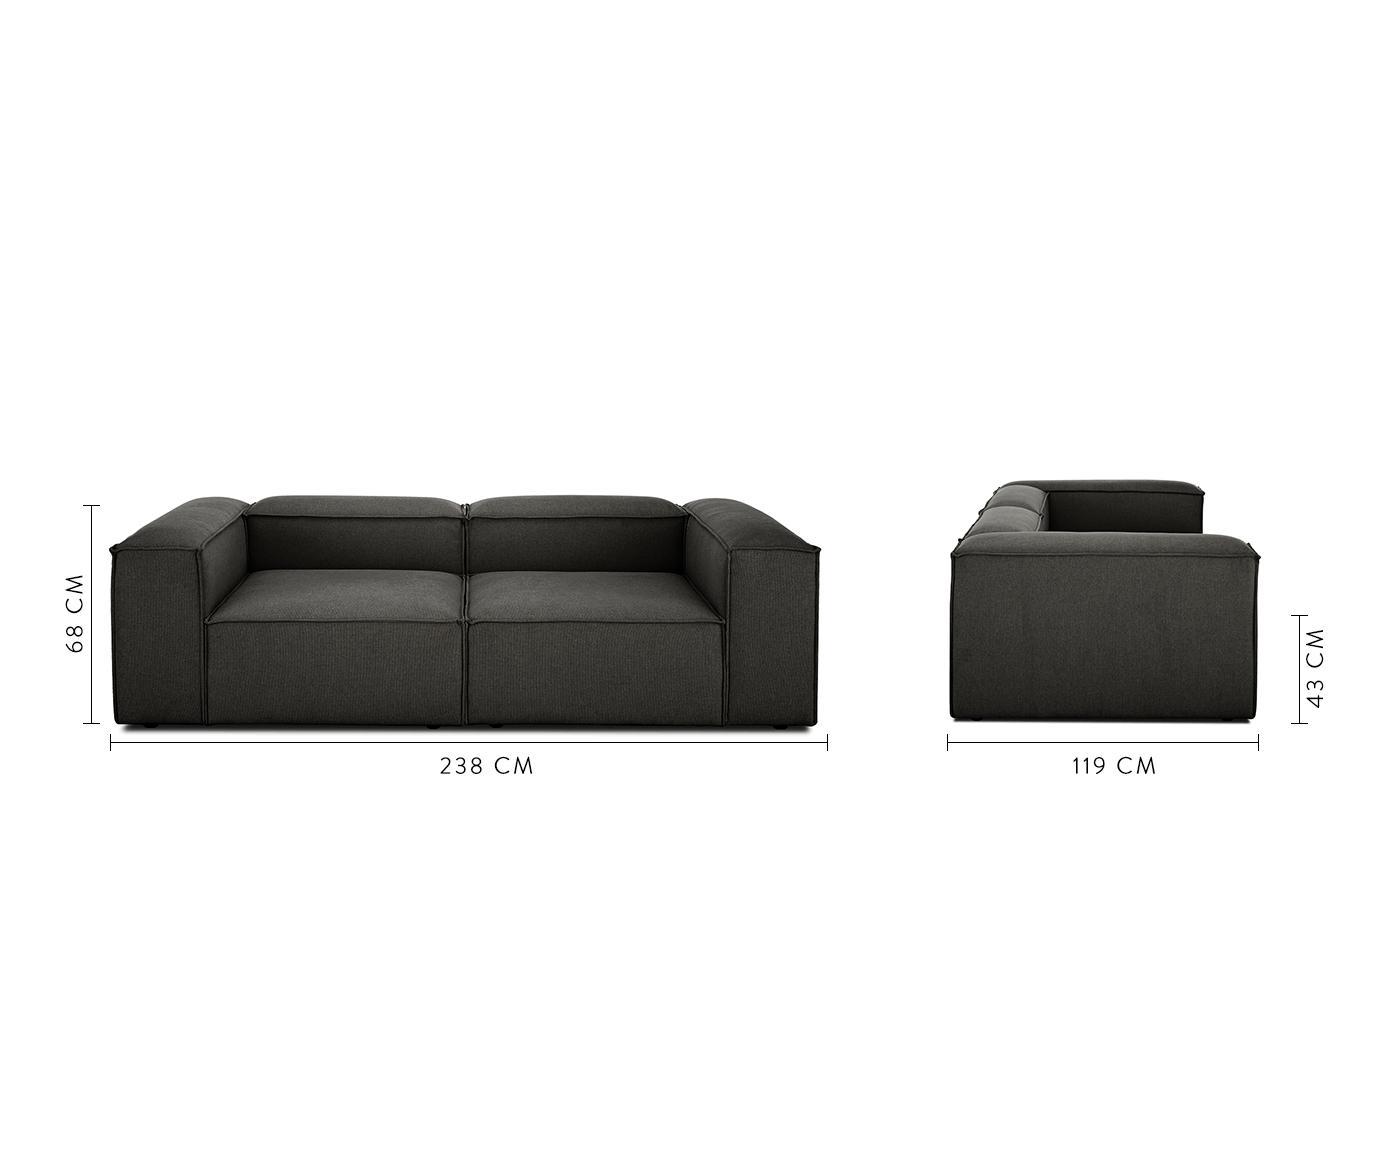 Sofa modułowa Lennon (3-osobowa), Tapicerka: poliester 35 000 cykli w , Stelaż: lite drewno sosnowe, skle, Nogi: tworzywo sztuczne, Antracytowy, S 238 x G 119 cm